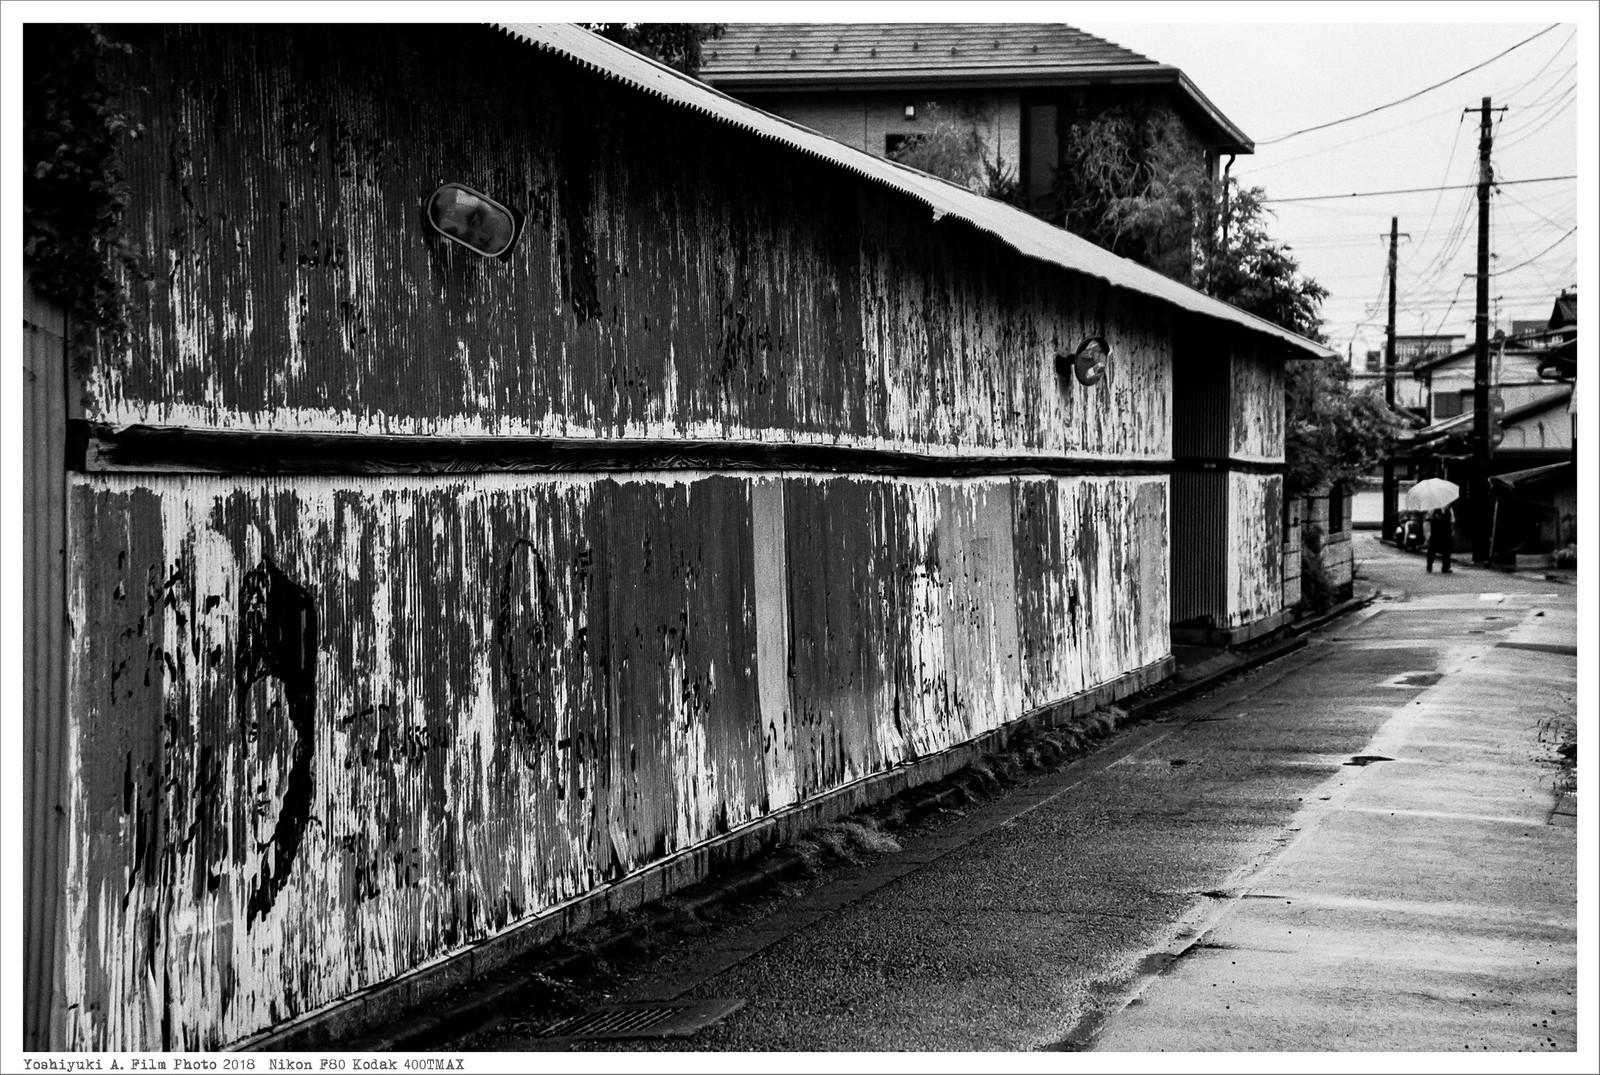 群馬県 桐生市 Nikon_F80_Kodak_400TMAX__17